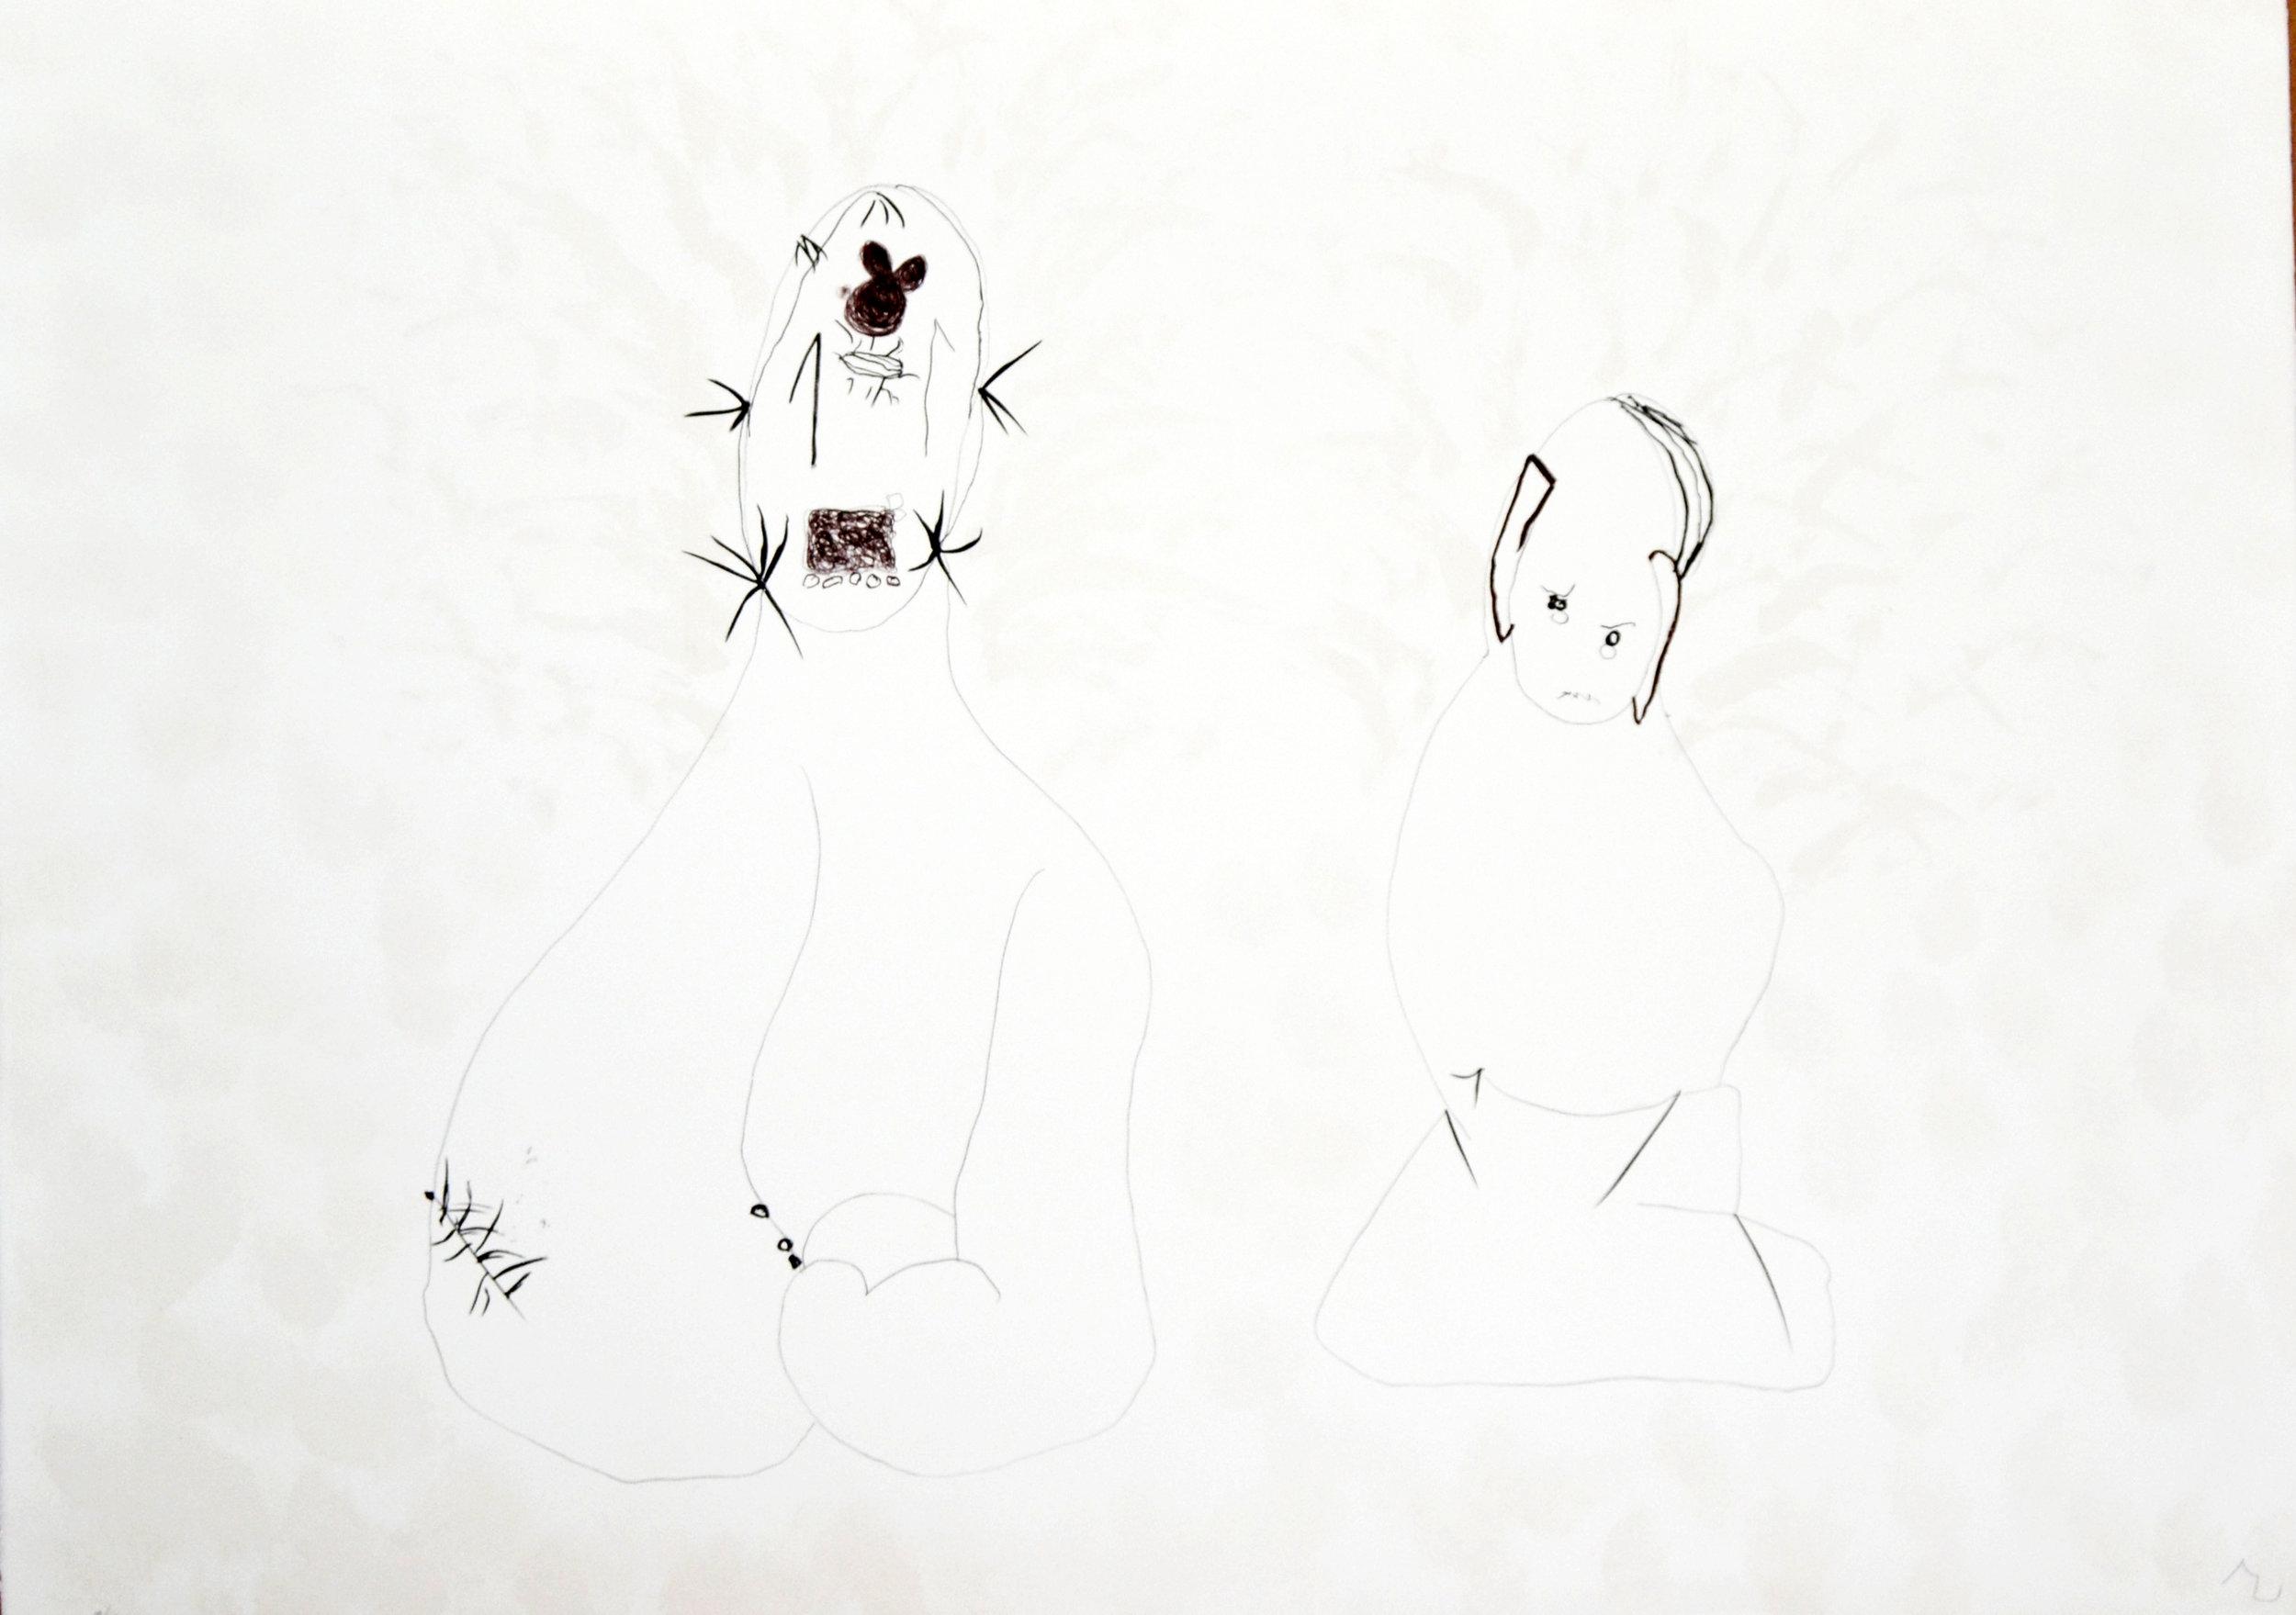 Iles quén VII, 1999